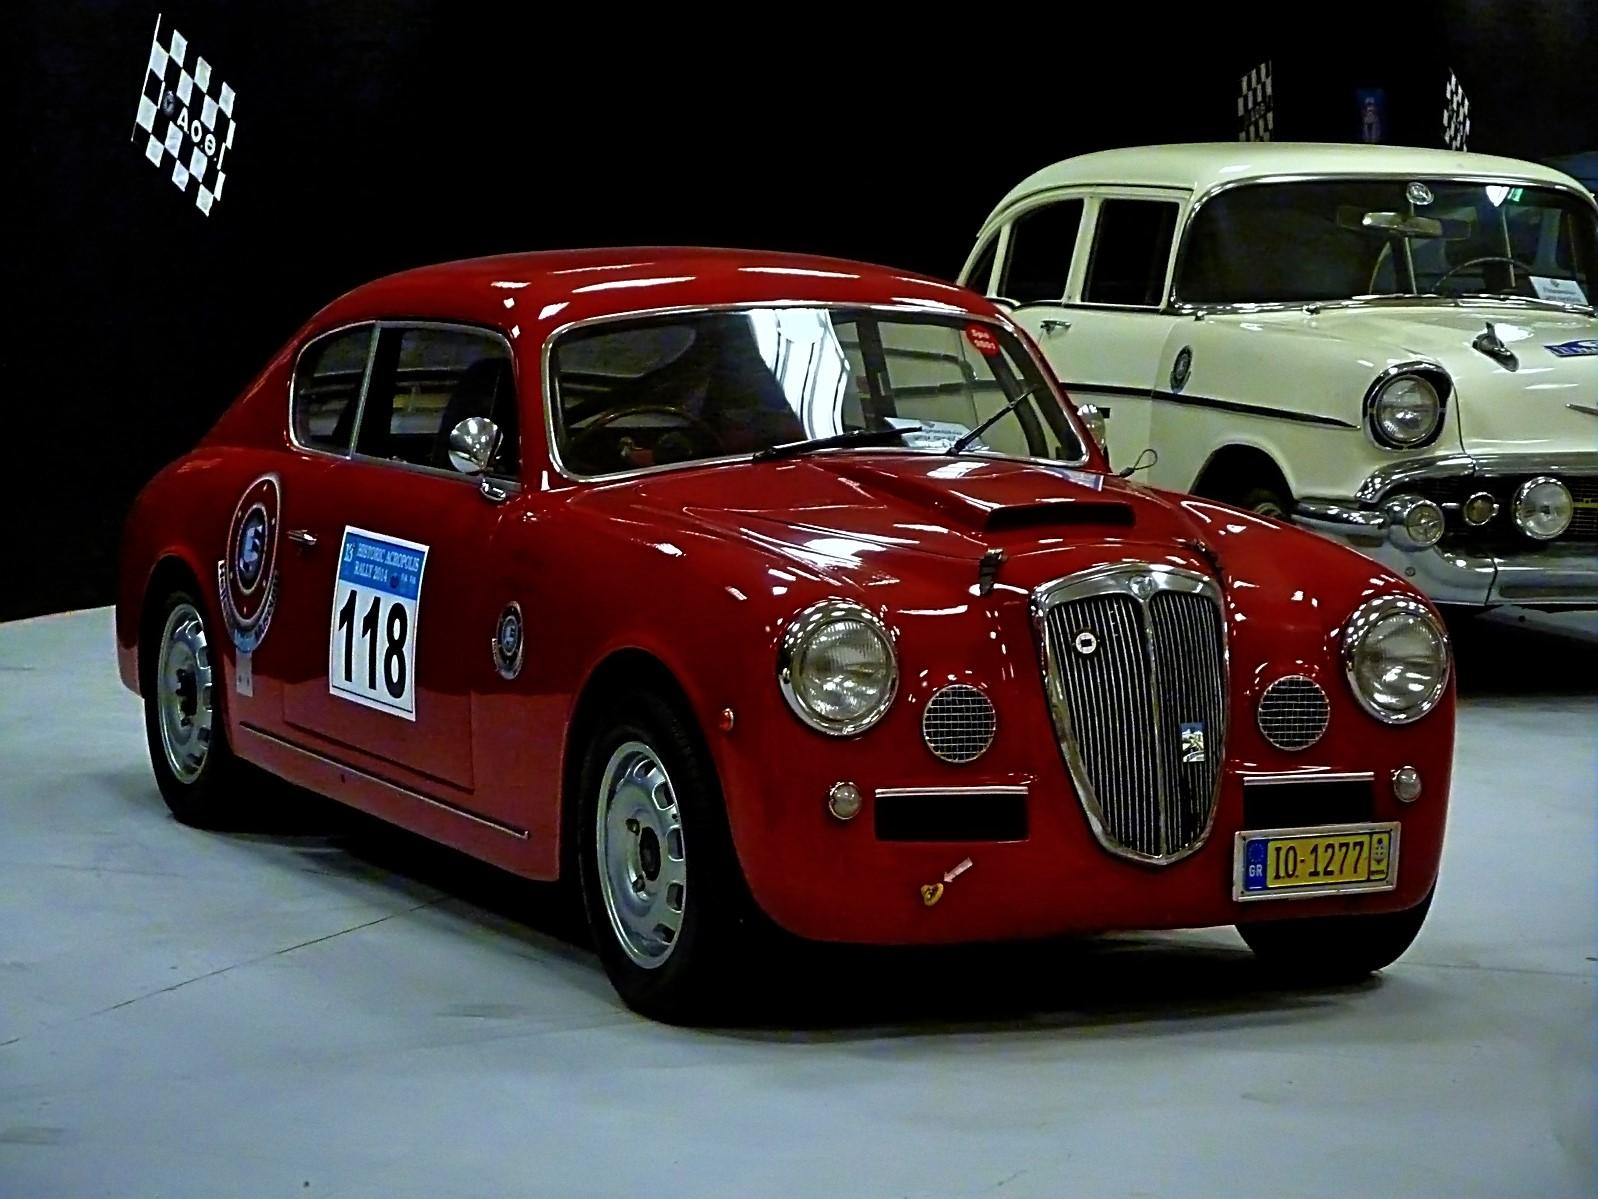 1953 Lancia Aurelia B24 ex L (54)